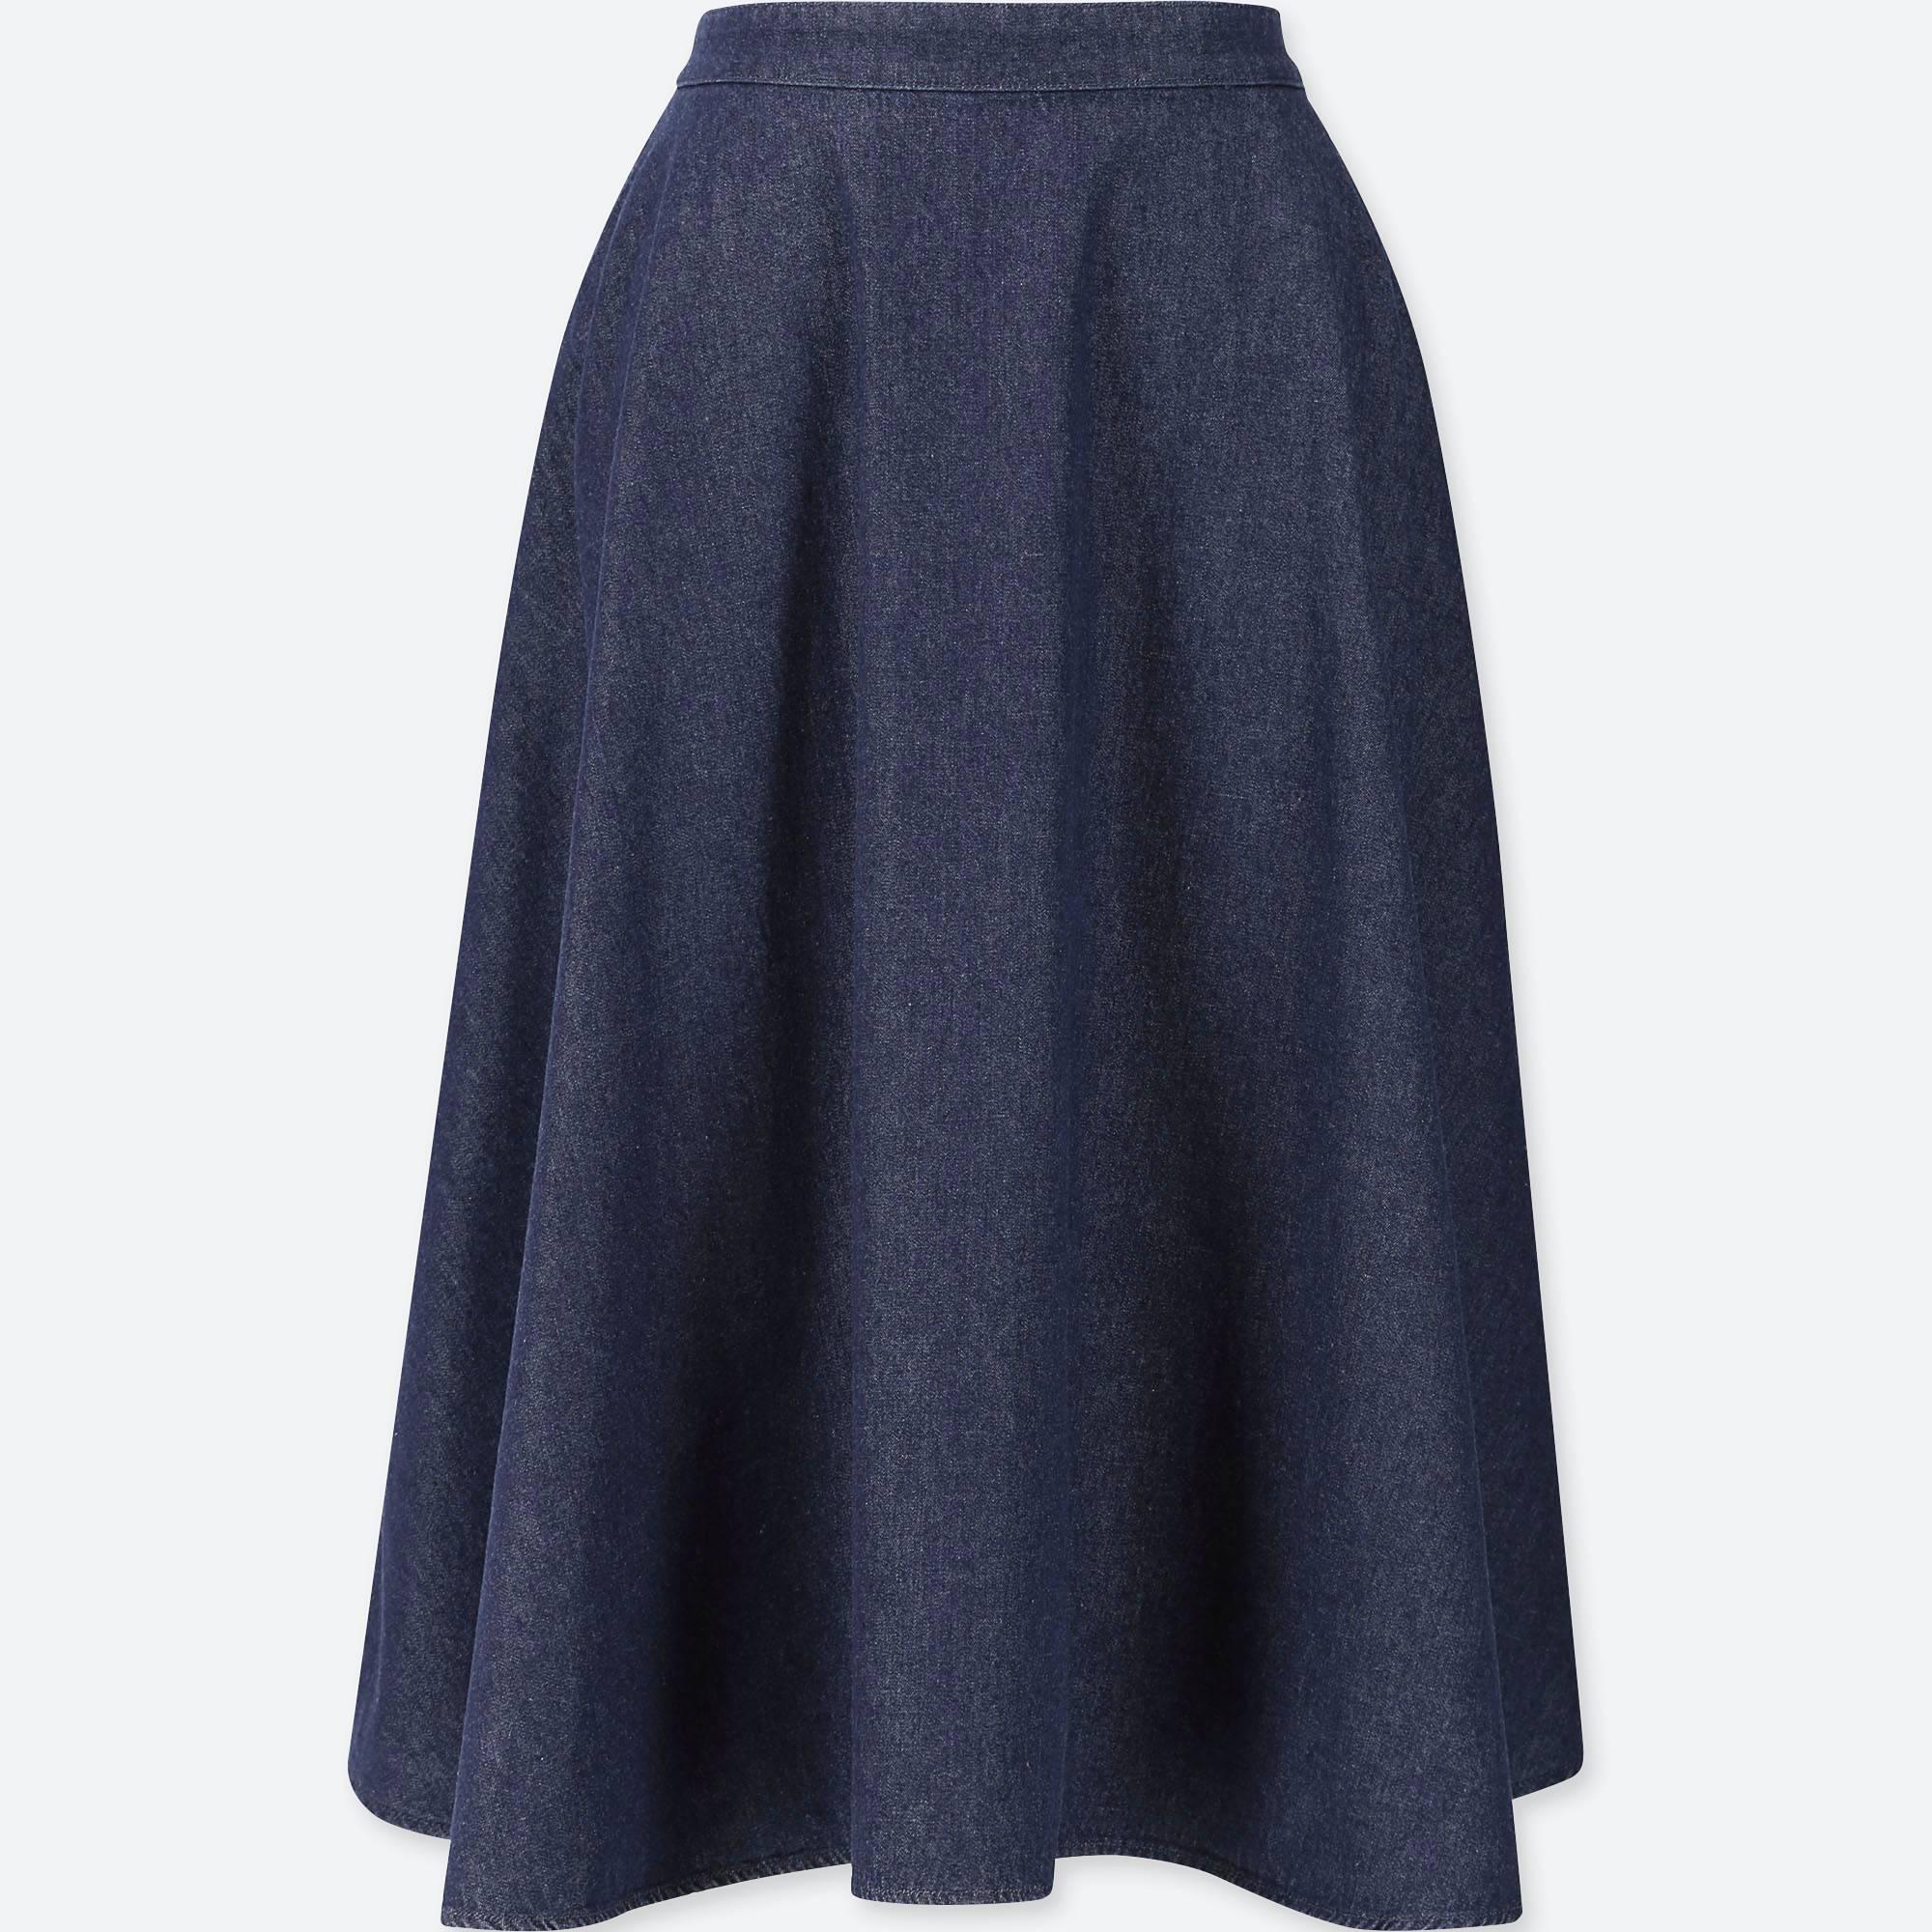 ユニクロ/ スカート women cotton high-waist circular skirt